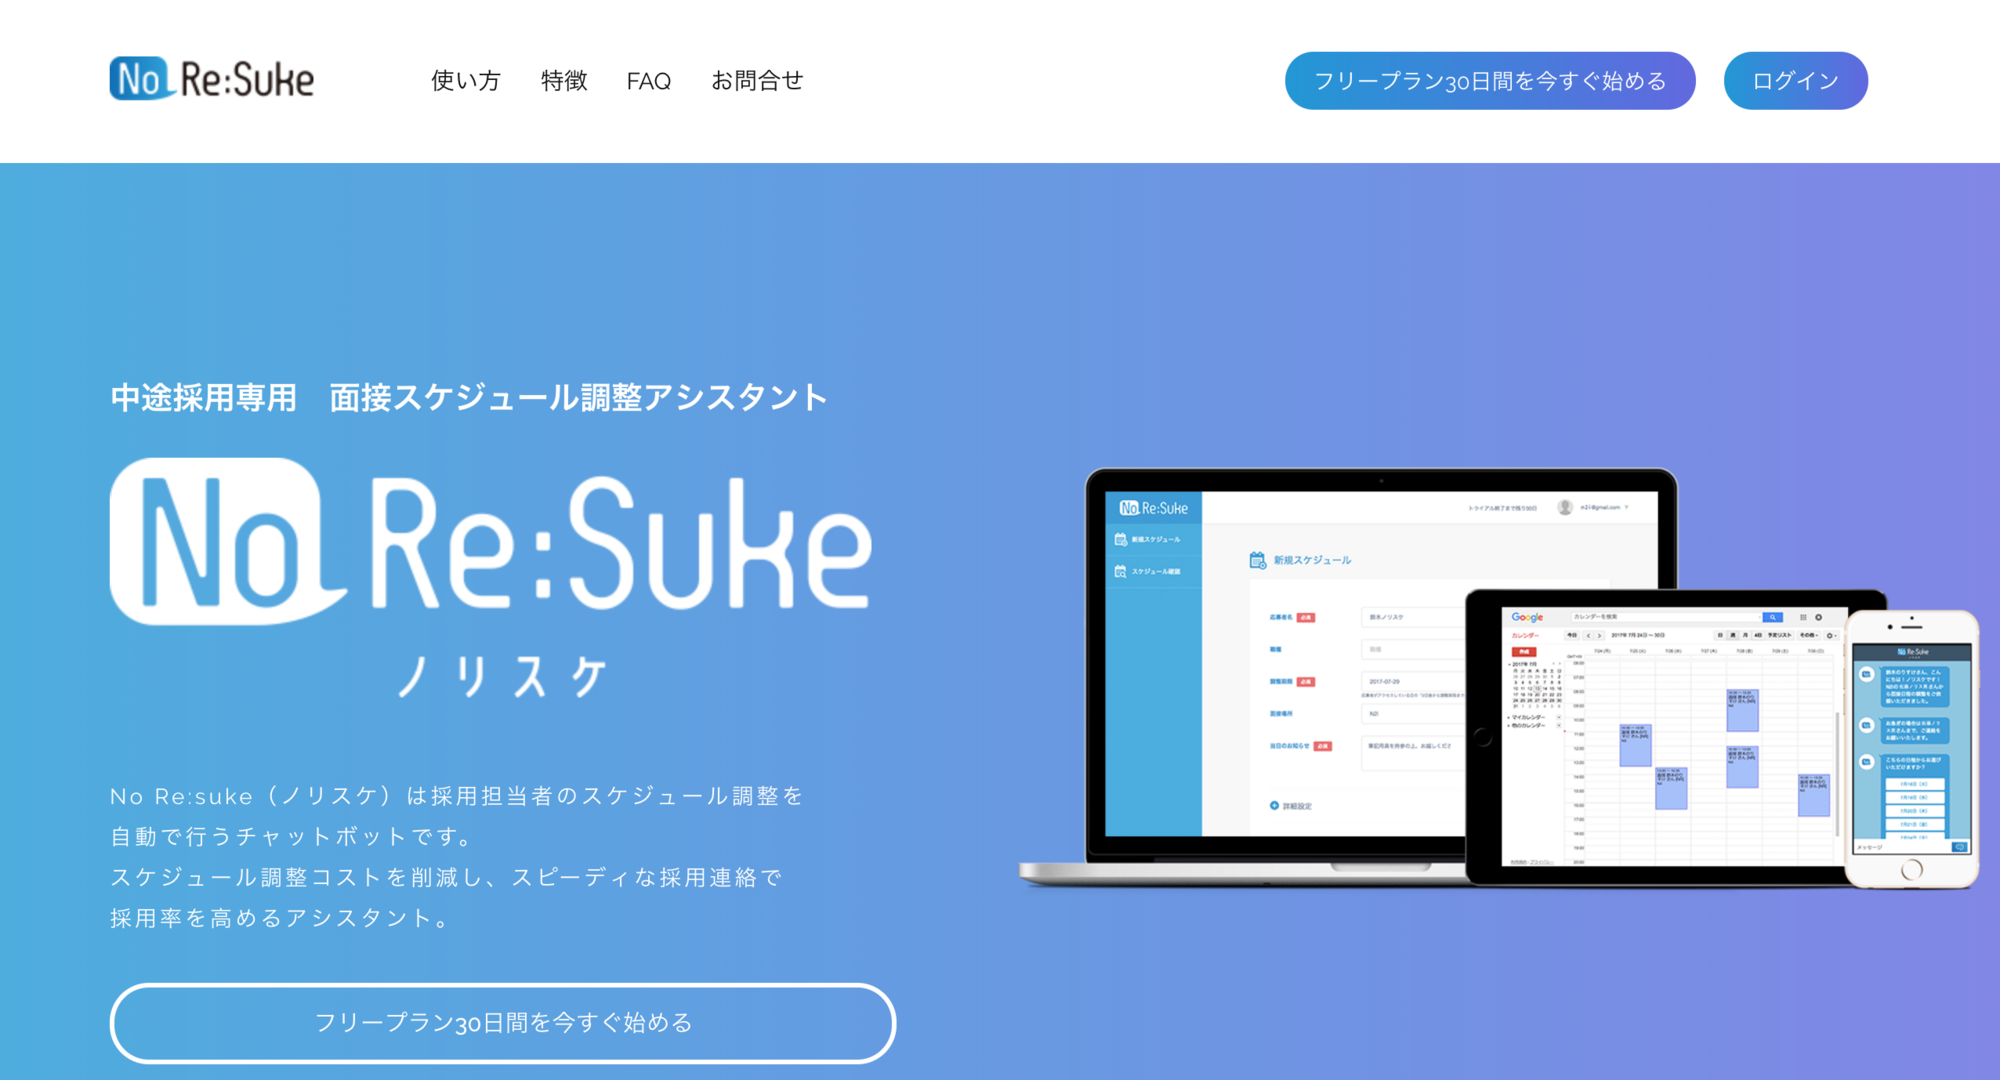 No Re:suke